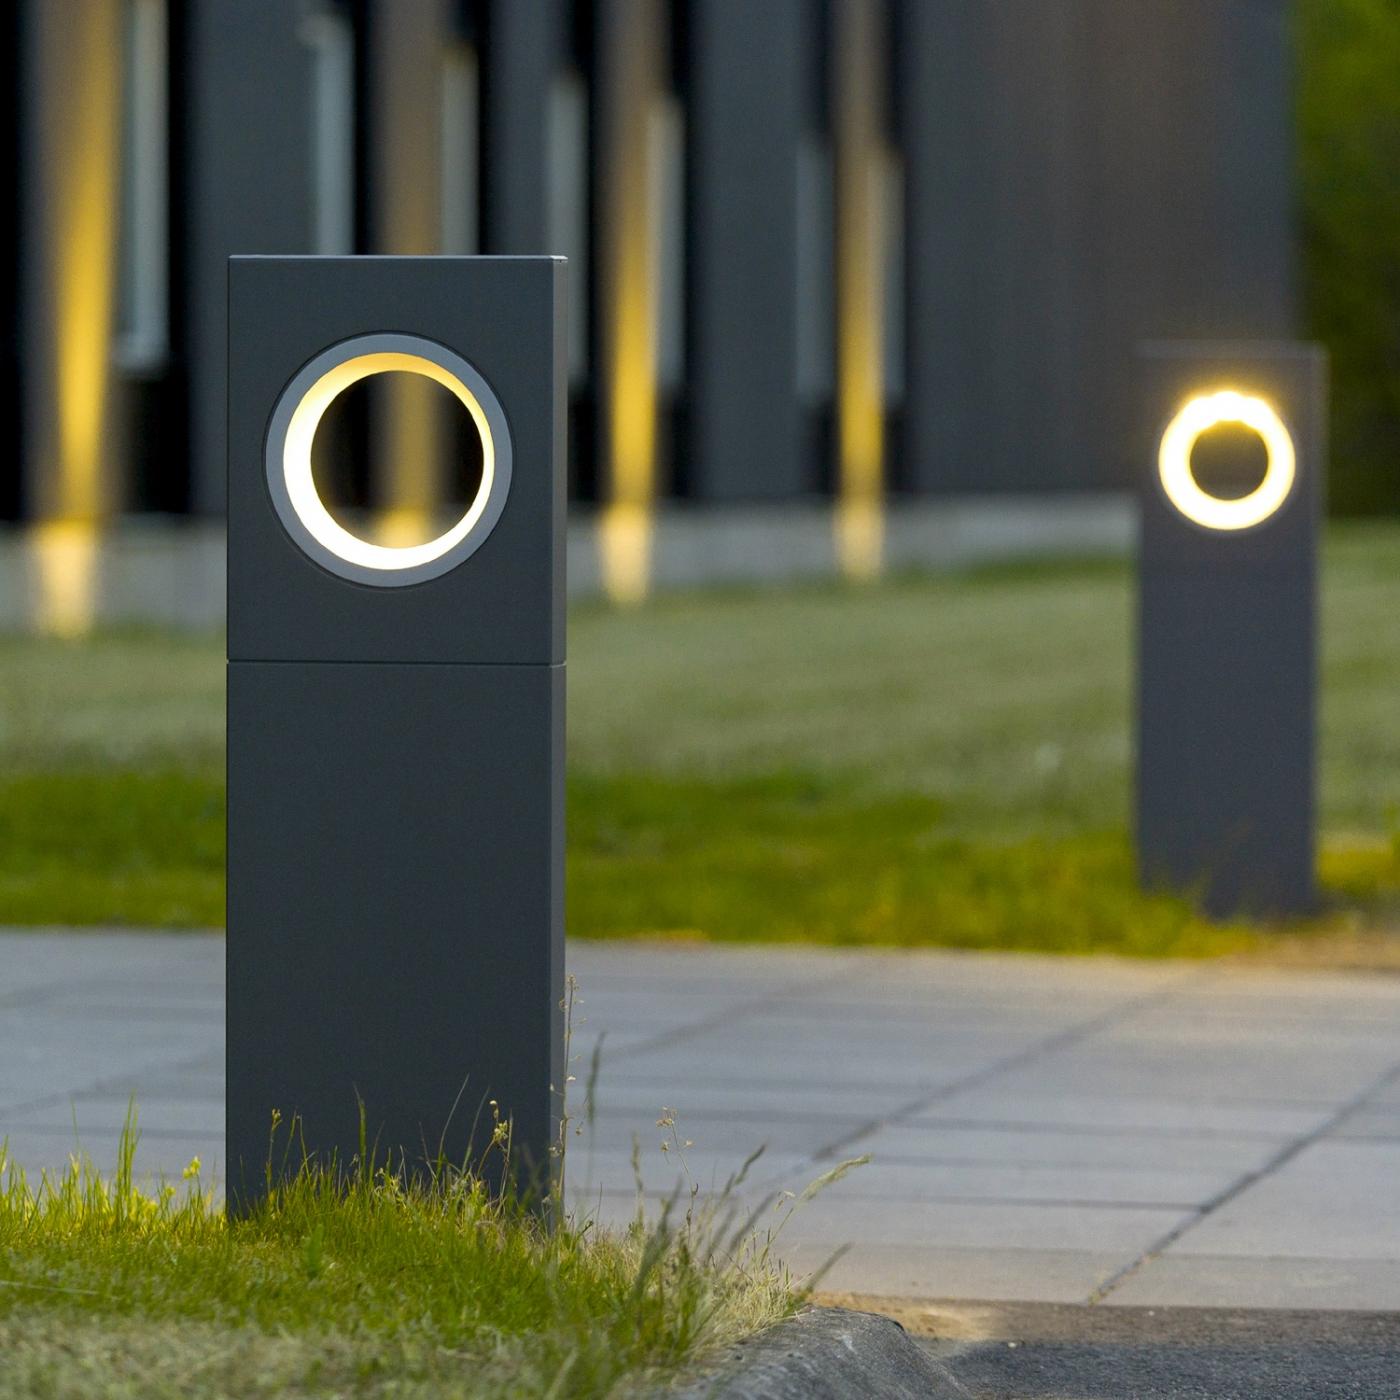 lampadari da esterni : Moon paletto PLATEK LIGHT S.R.L. LAMPADE DA ESTERNO